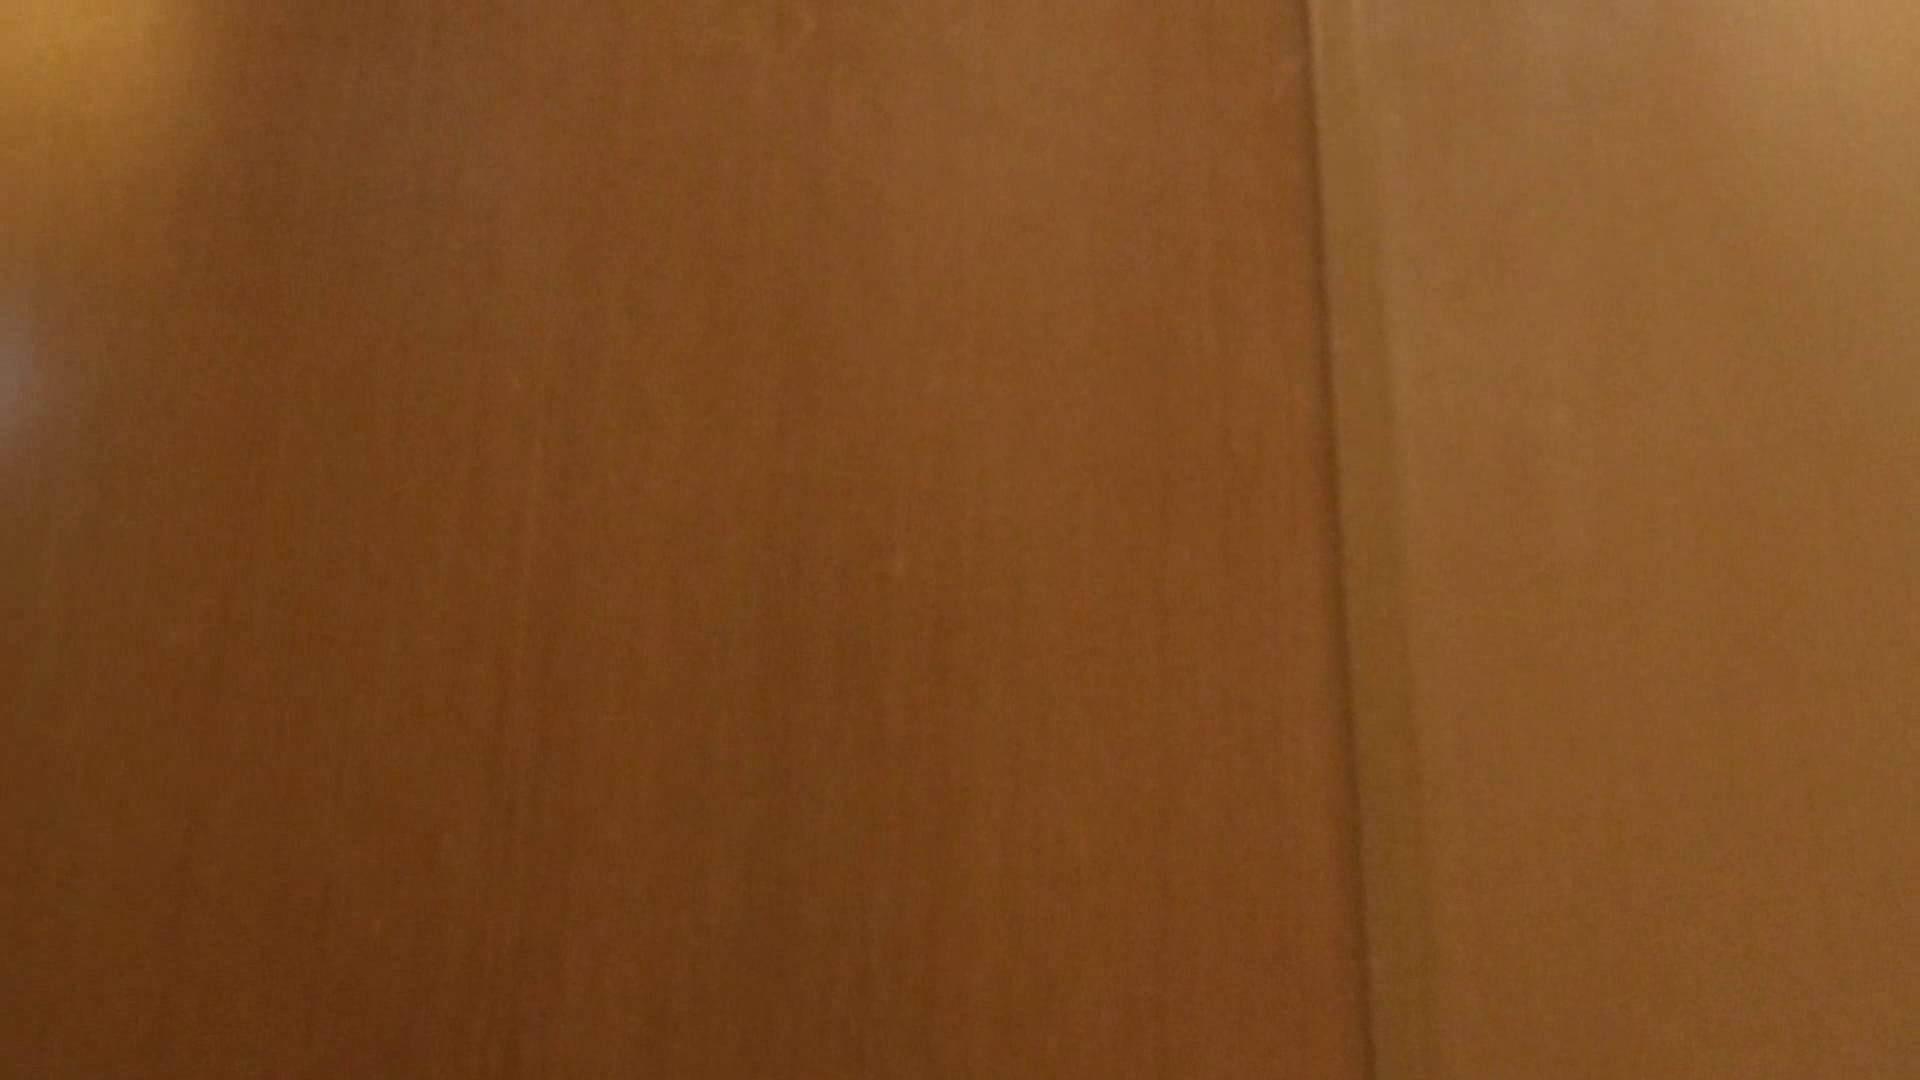 「噂」の国の厠観察日記2 Vol.02 綺麗なOLたち  96枚 12